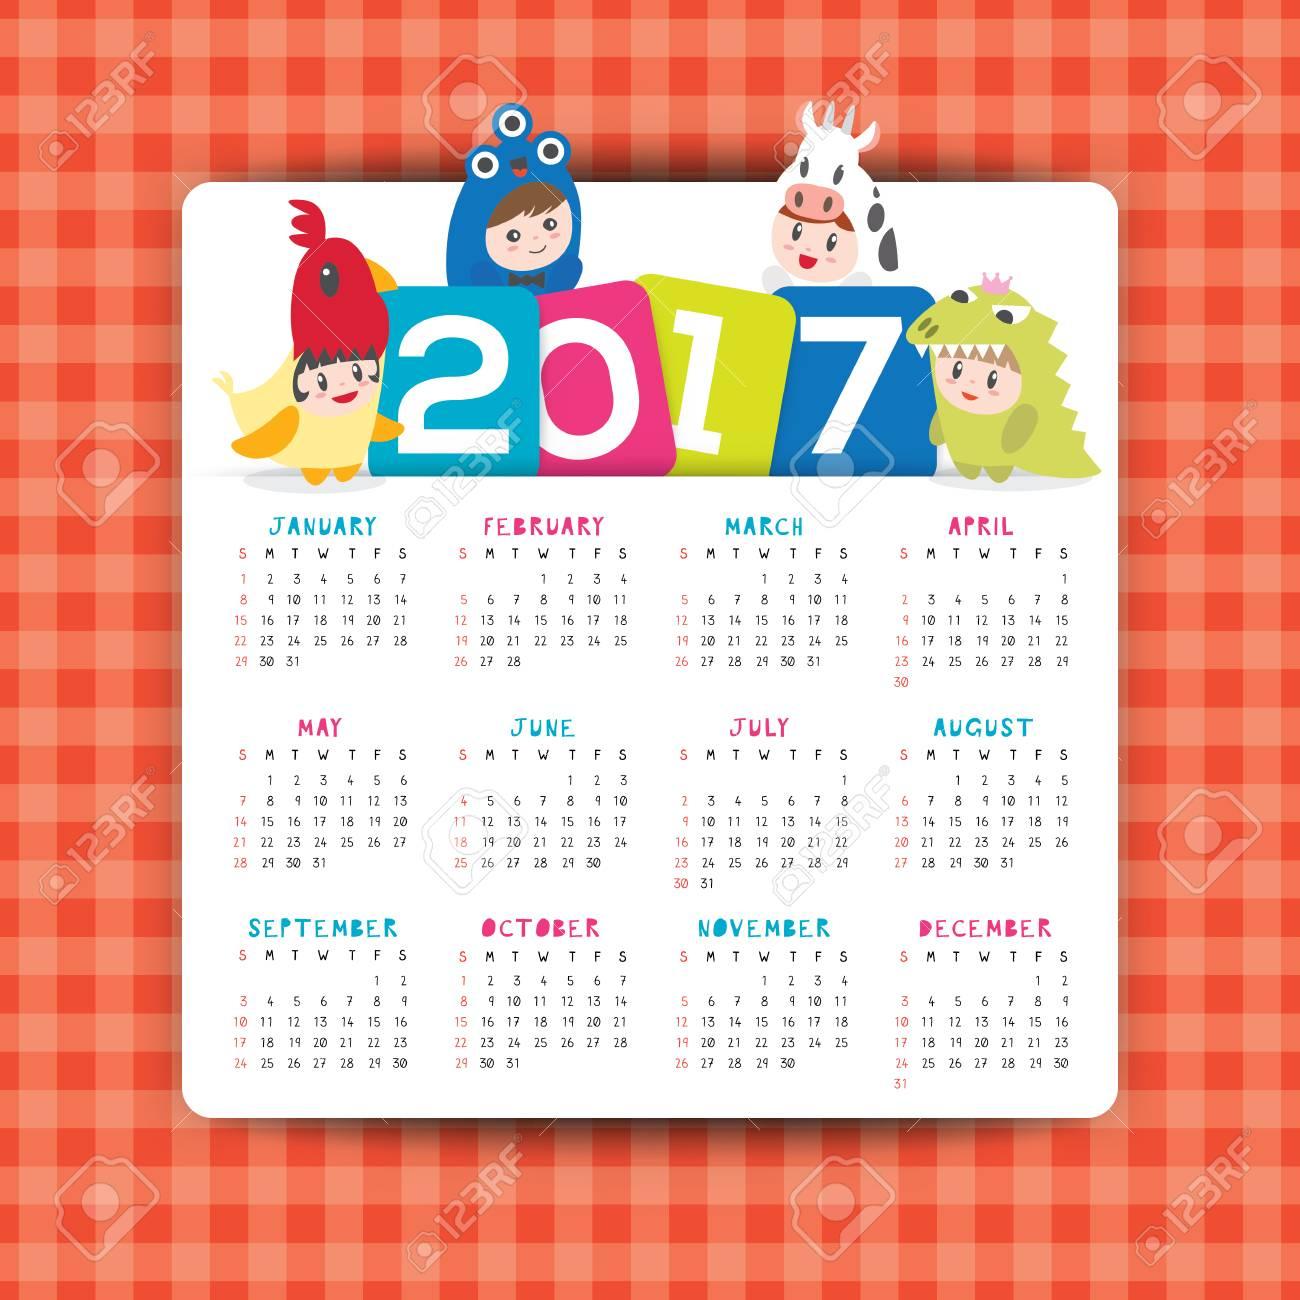 2017 Modèle De Calendrier Vectoriel Avec Dessin Animé Illustration  D'enfants En Costume, La Semaine Commence À Partir De Dimanche tout Calendrier Enfant Semaine